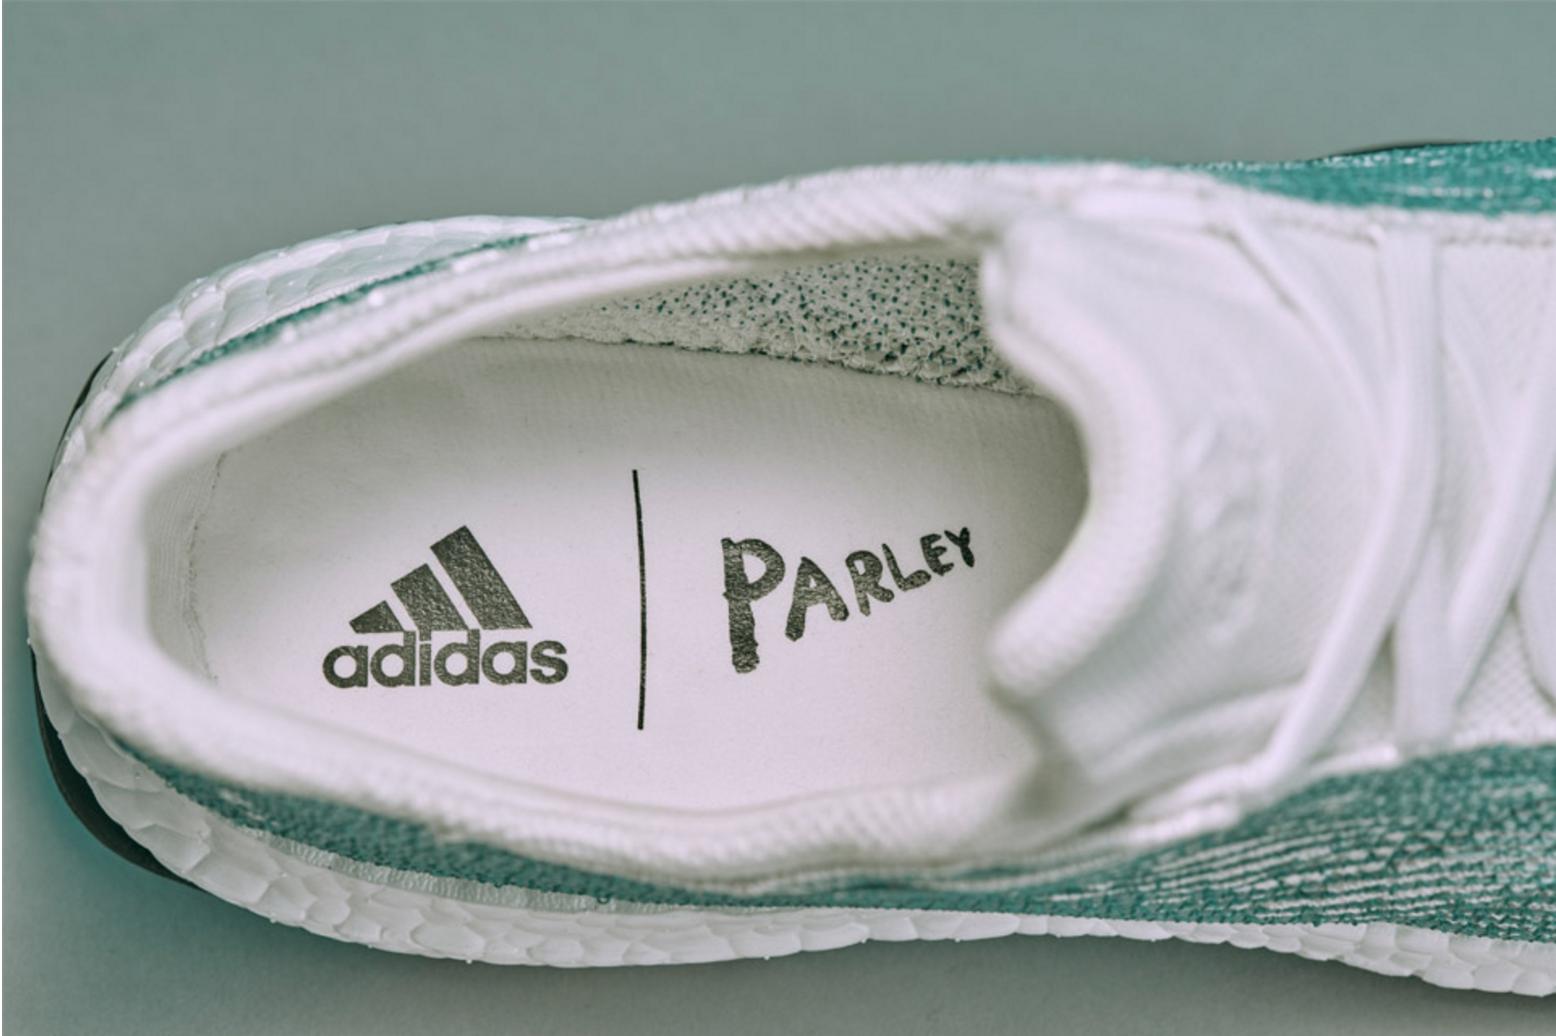 Adidas x parley per gli oceani taglia?blog